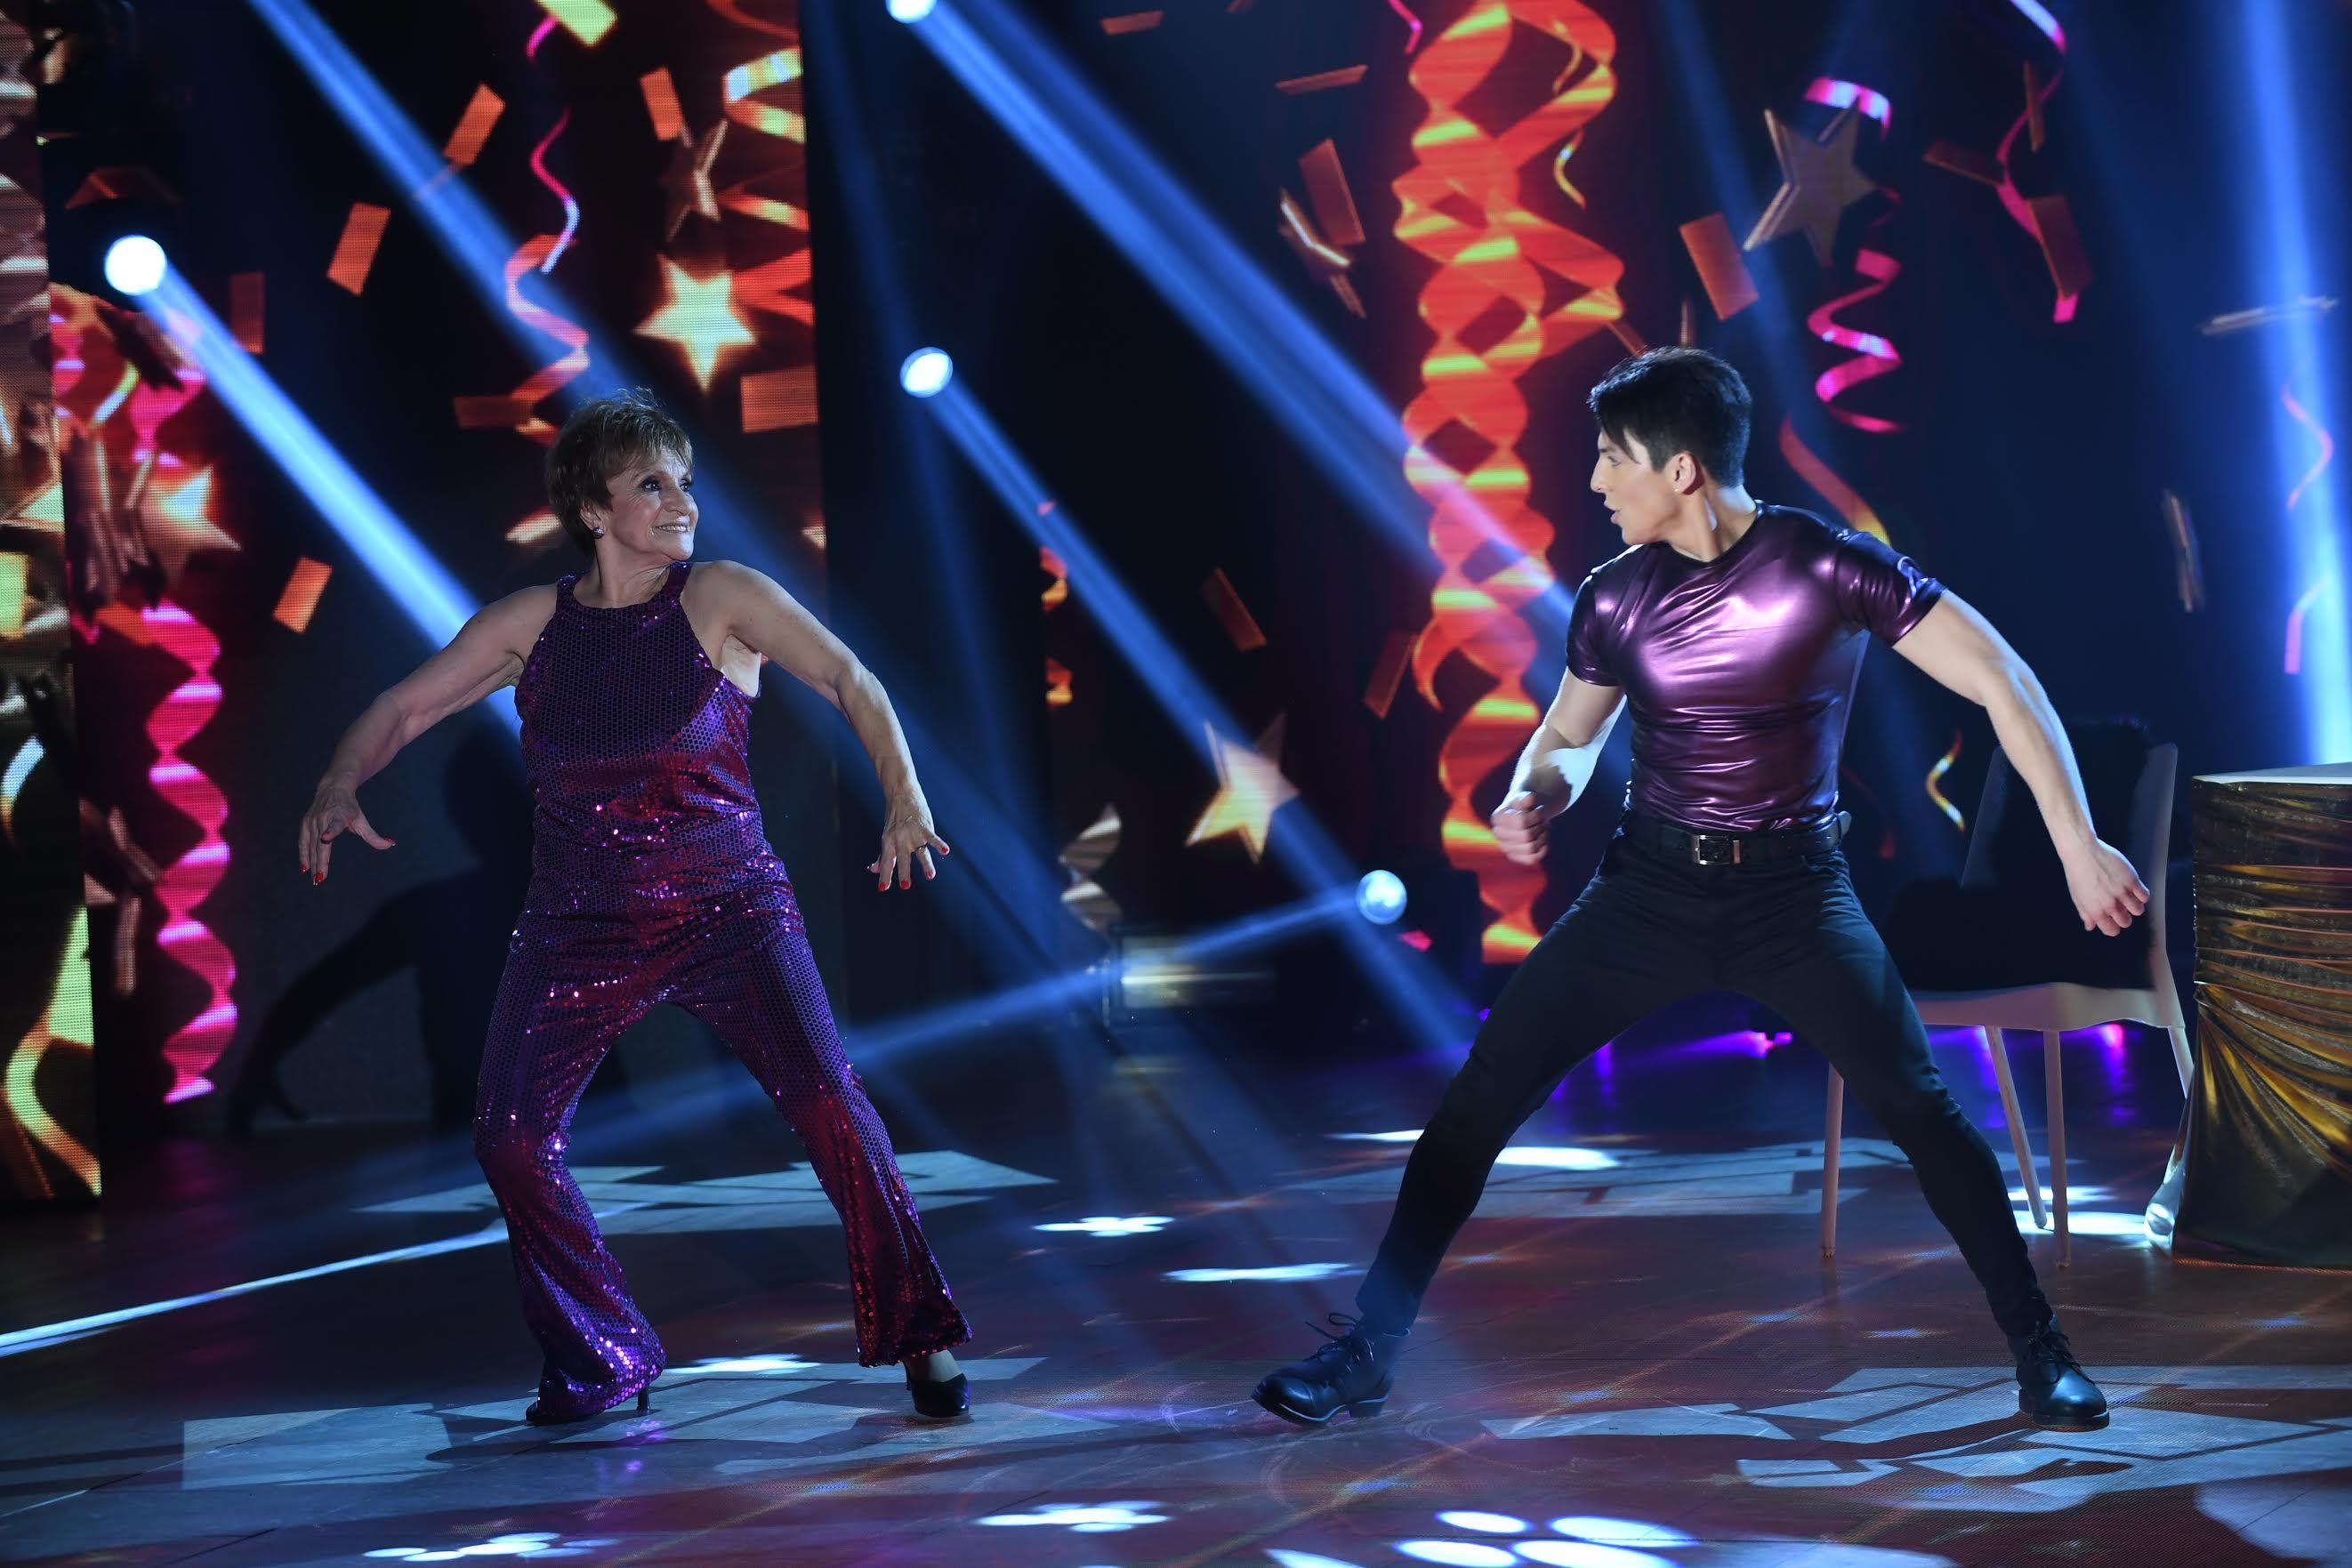 Consuelo Peppino y Agustín Reyero interpretaron La fiesta